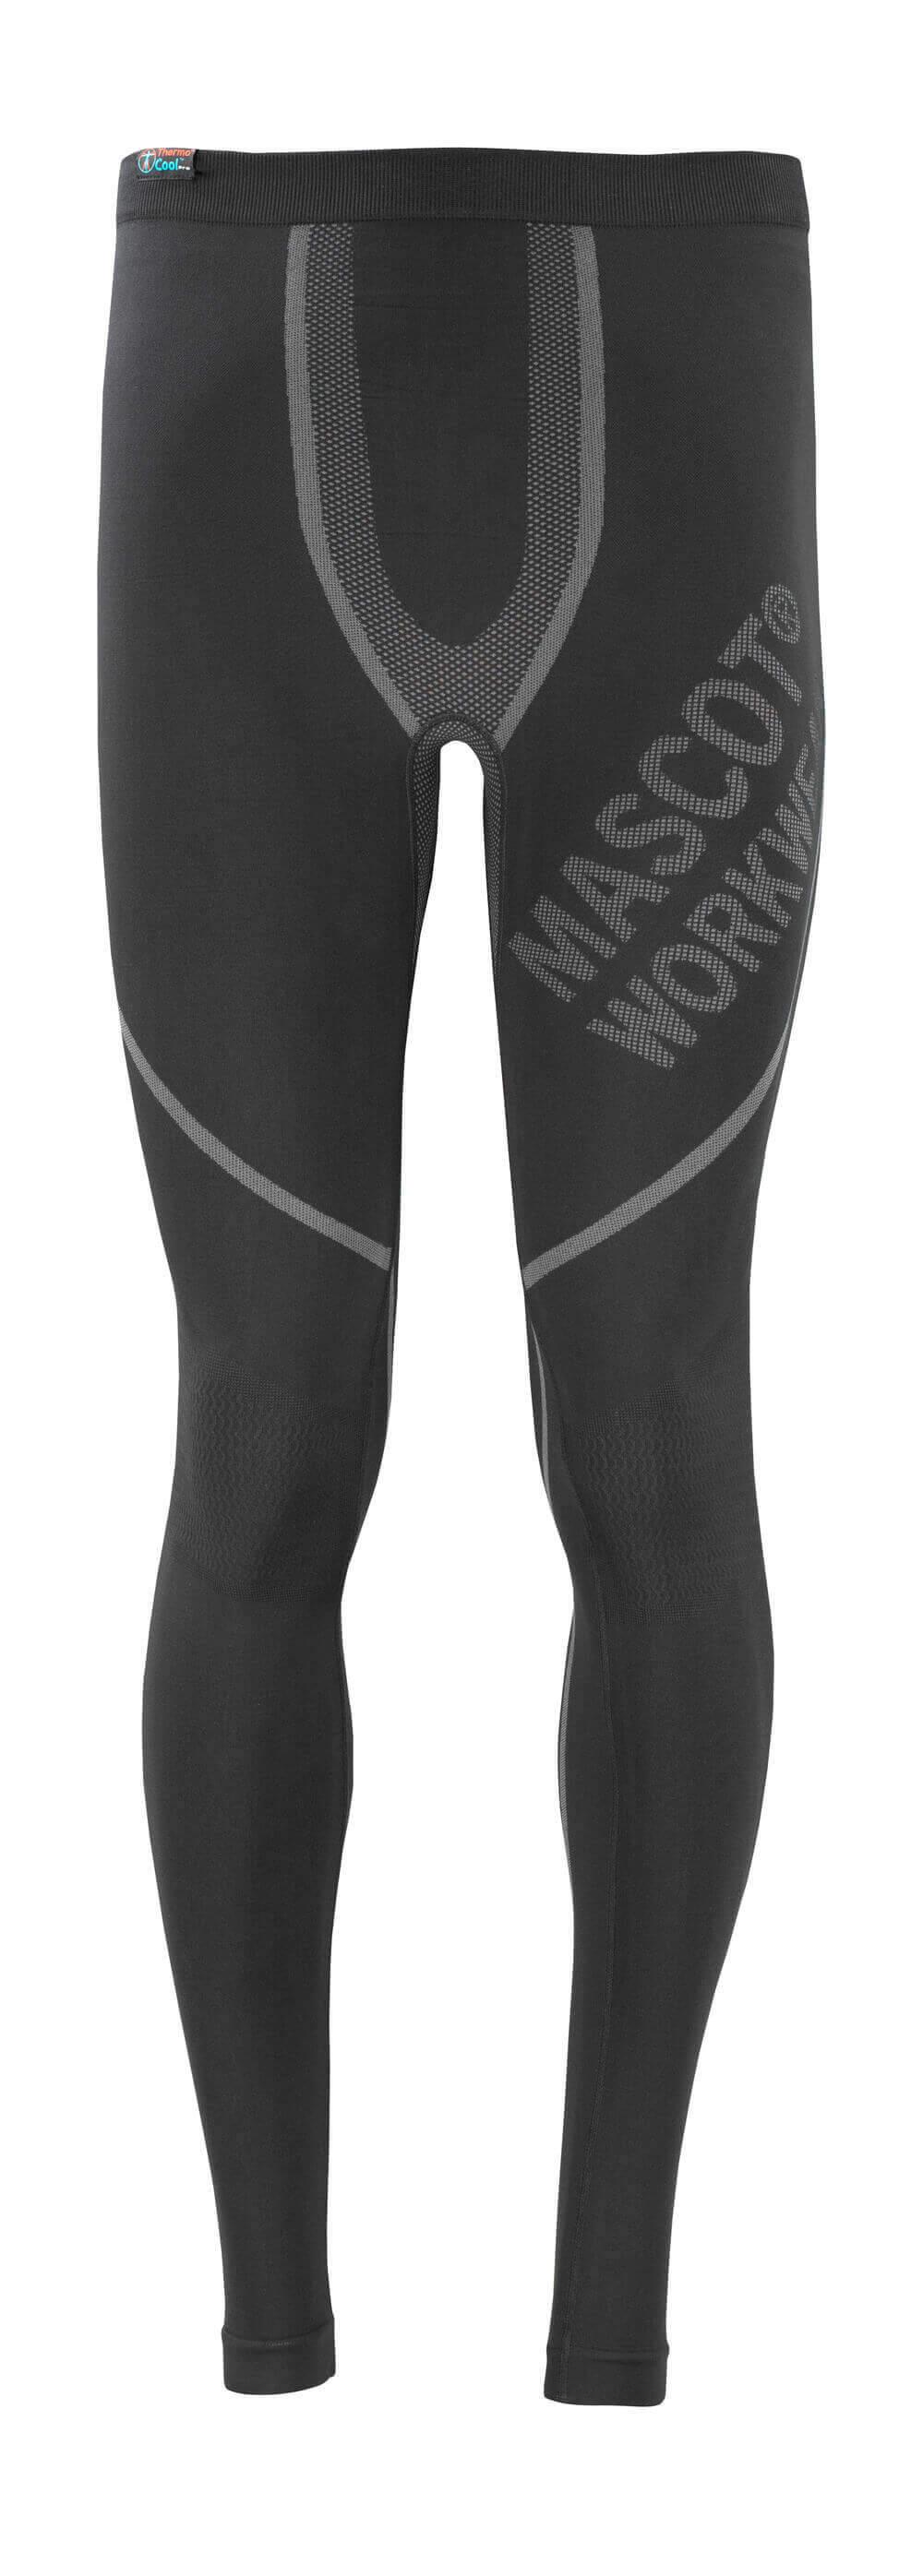 50560-940-09 Functional Under Pants - black